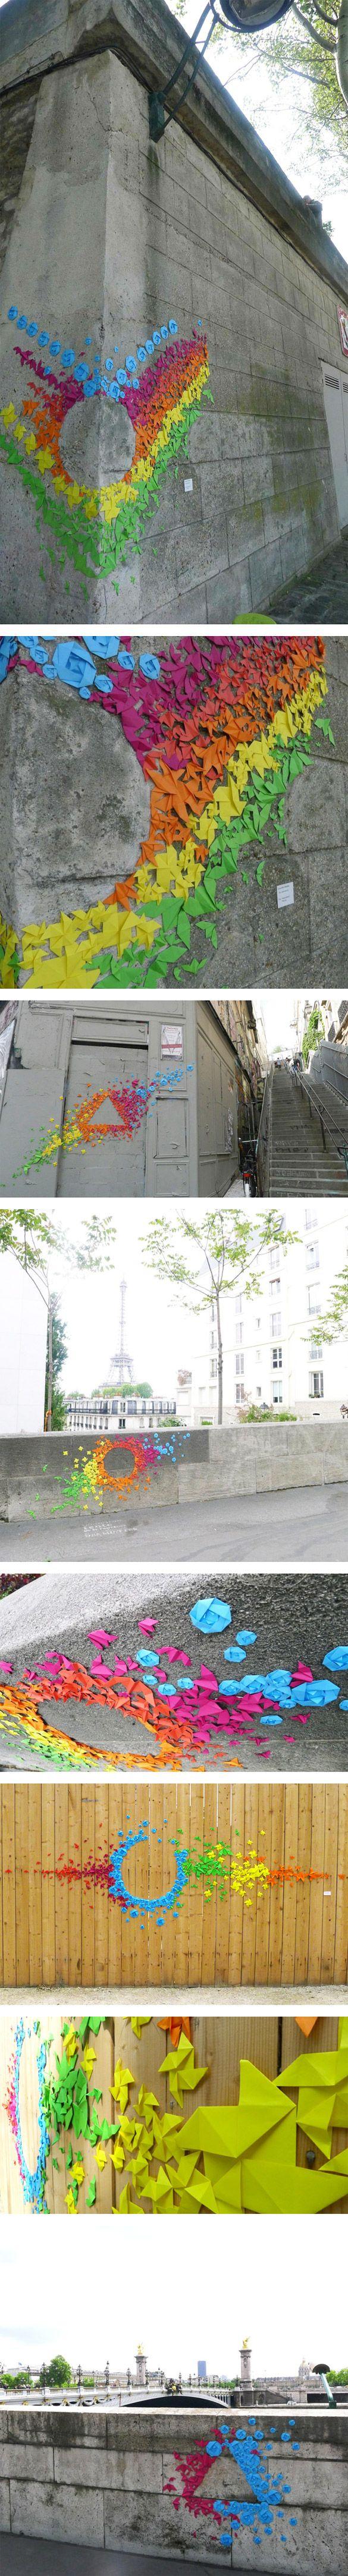 Les graffitis de papier à Paris sont signés Mademoiselle Maurice